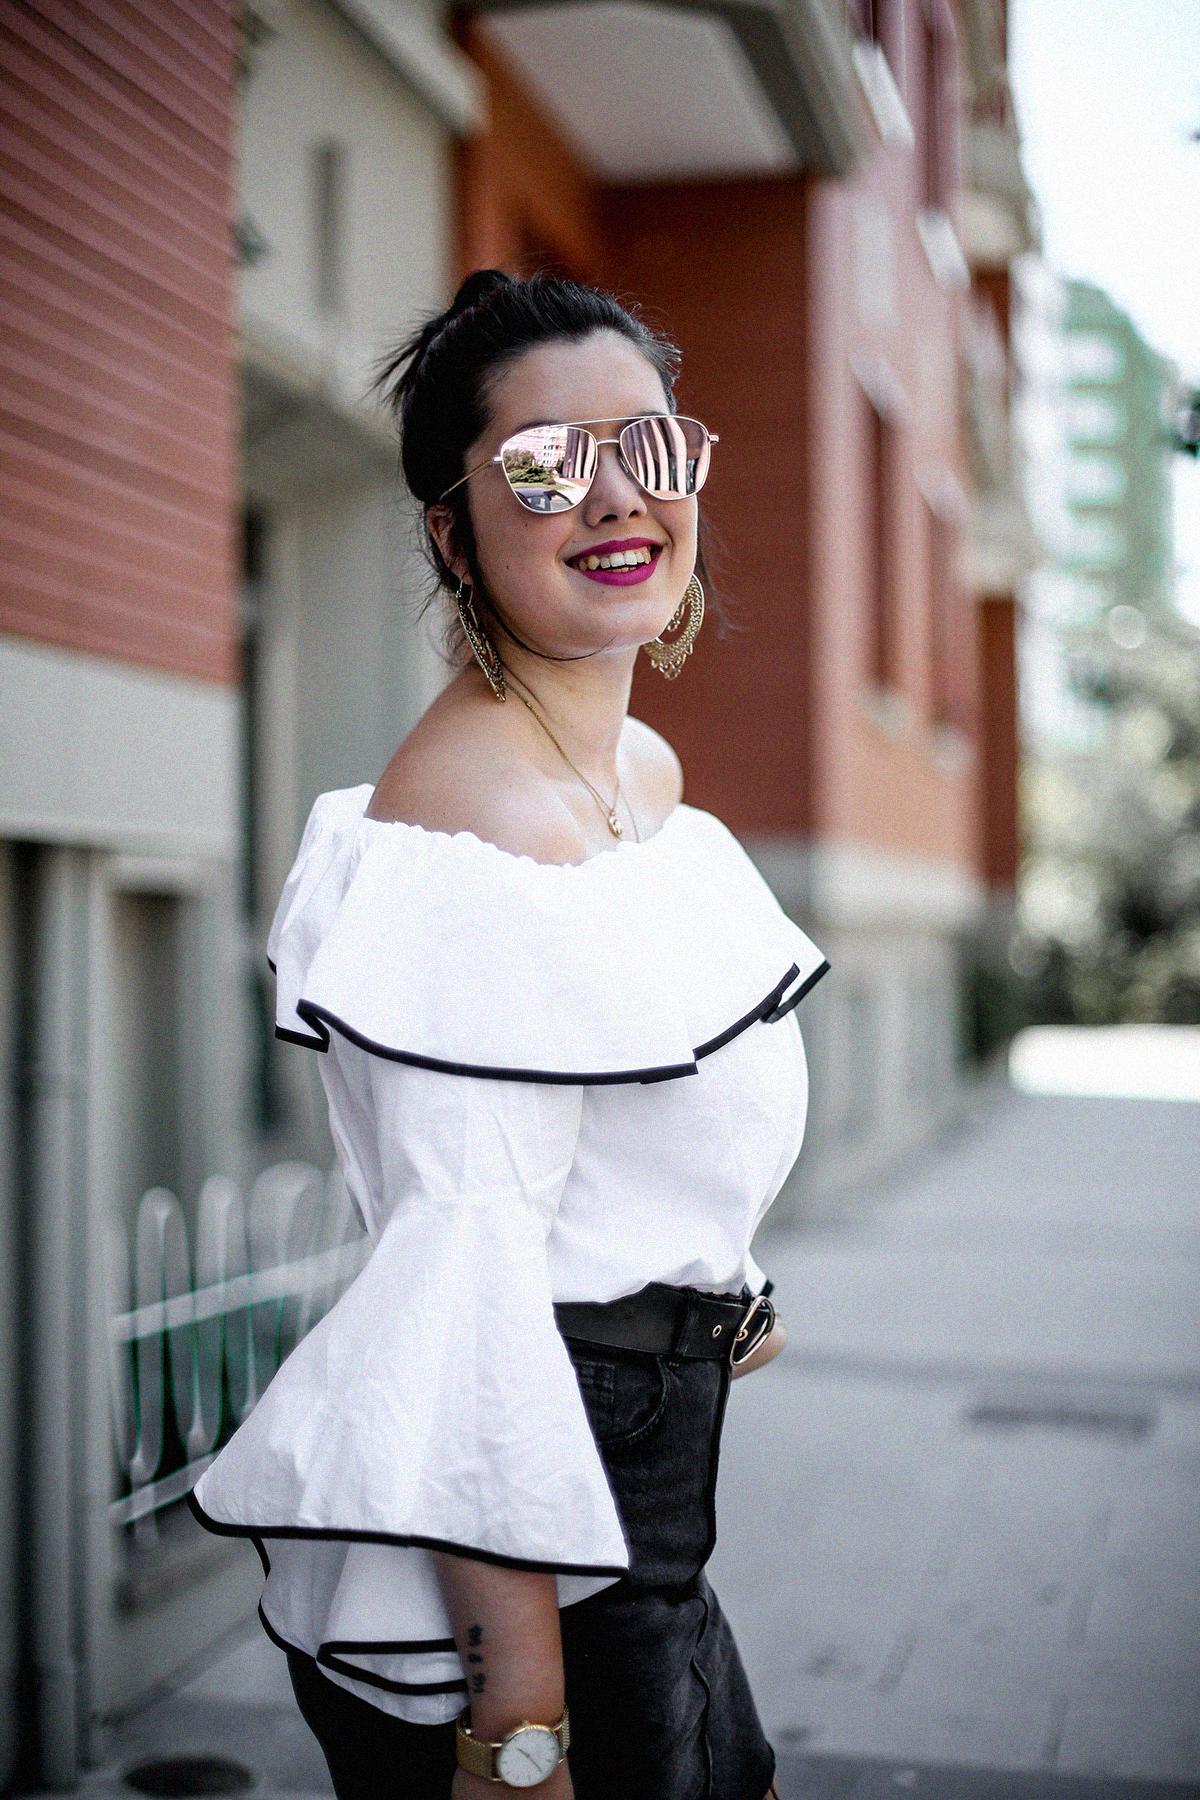 ruffle-top-off-shoulder-sunper-sunglasses-basket-bag-look6